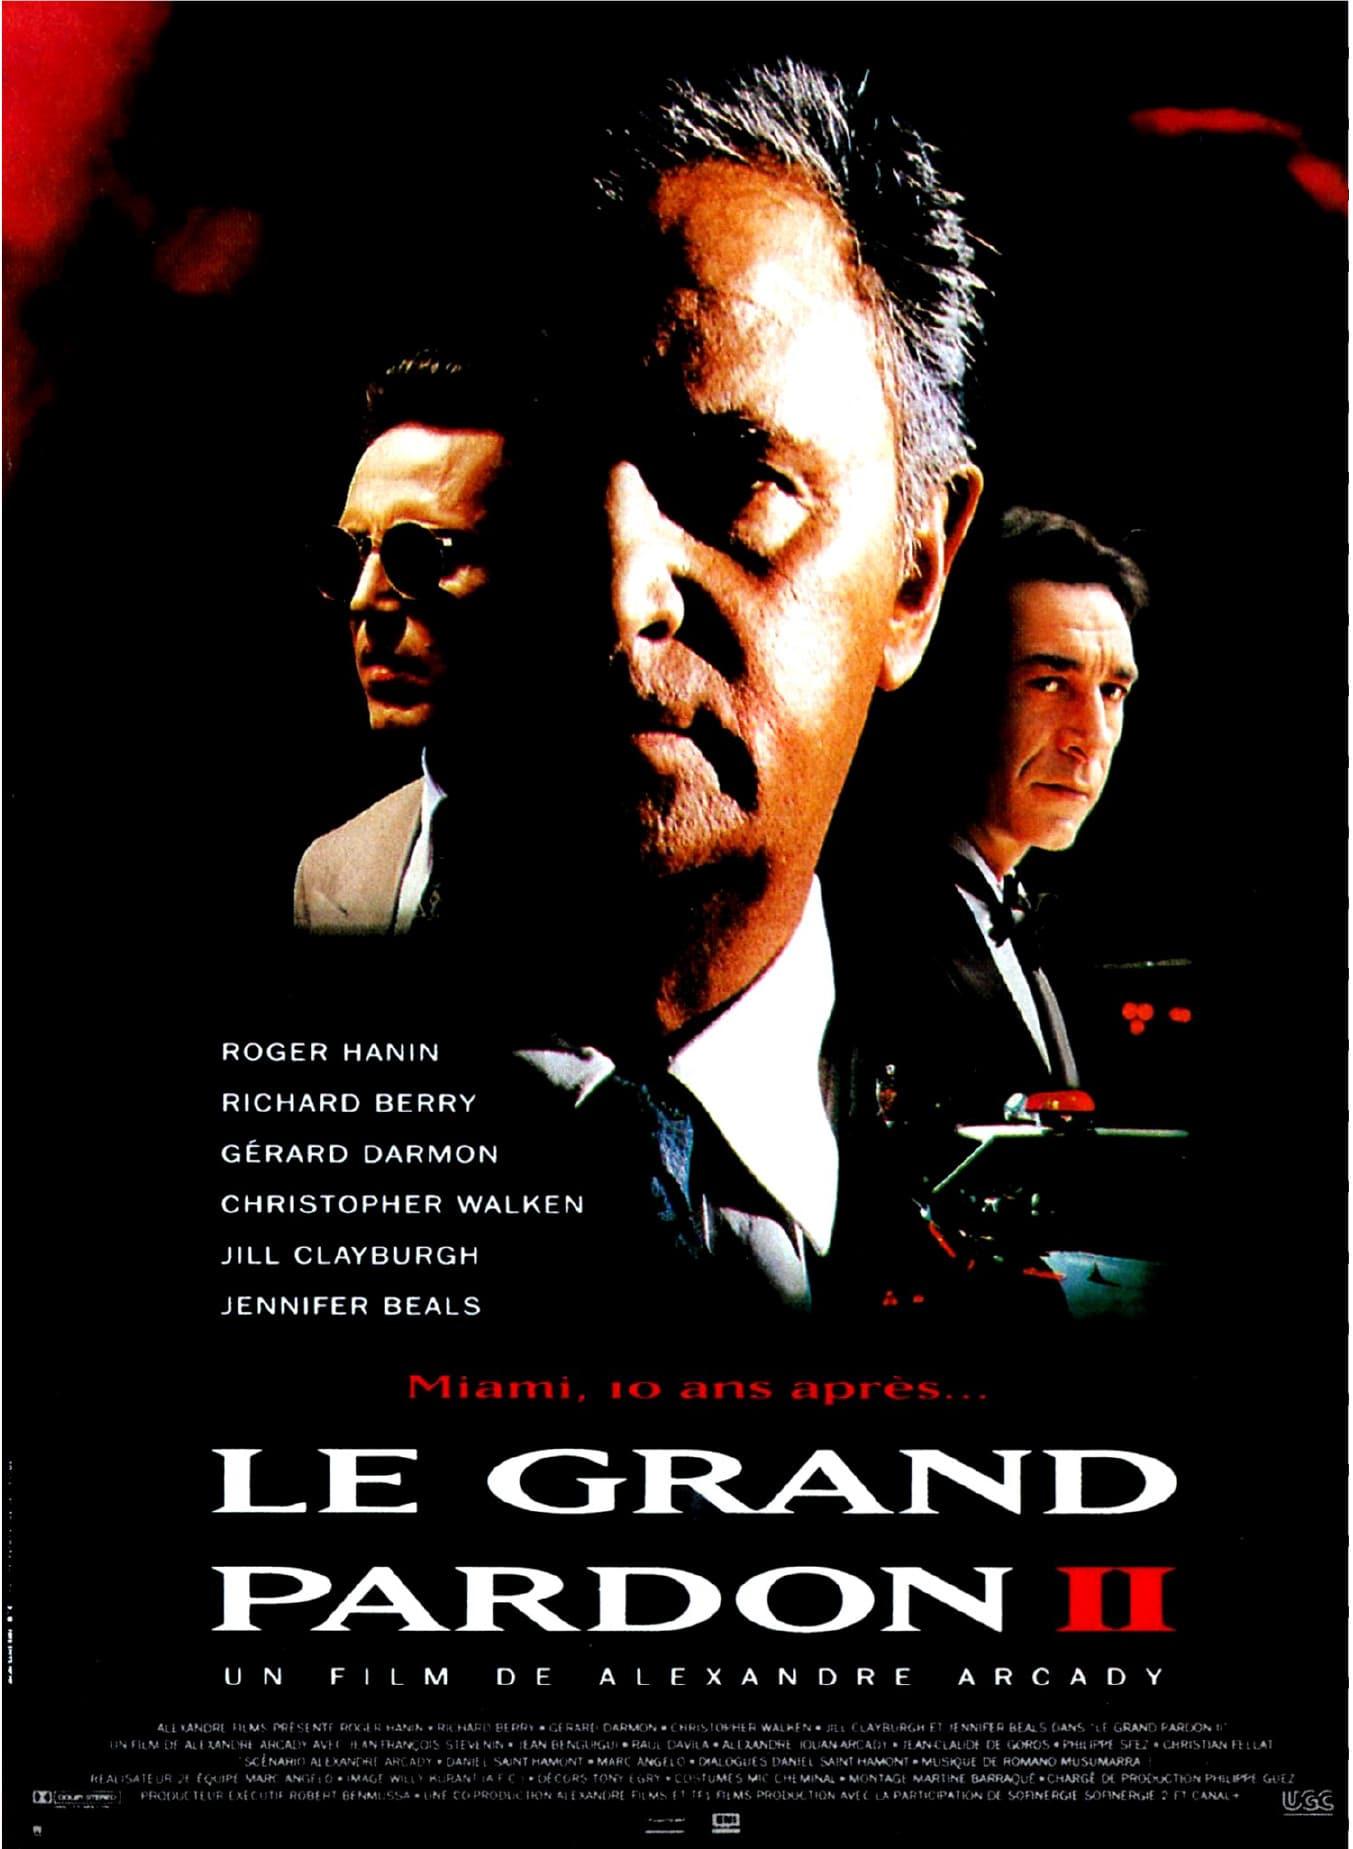 affiche du film Le Grand Pardon II